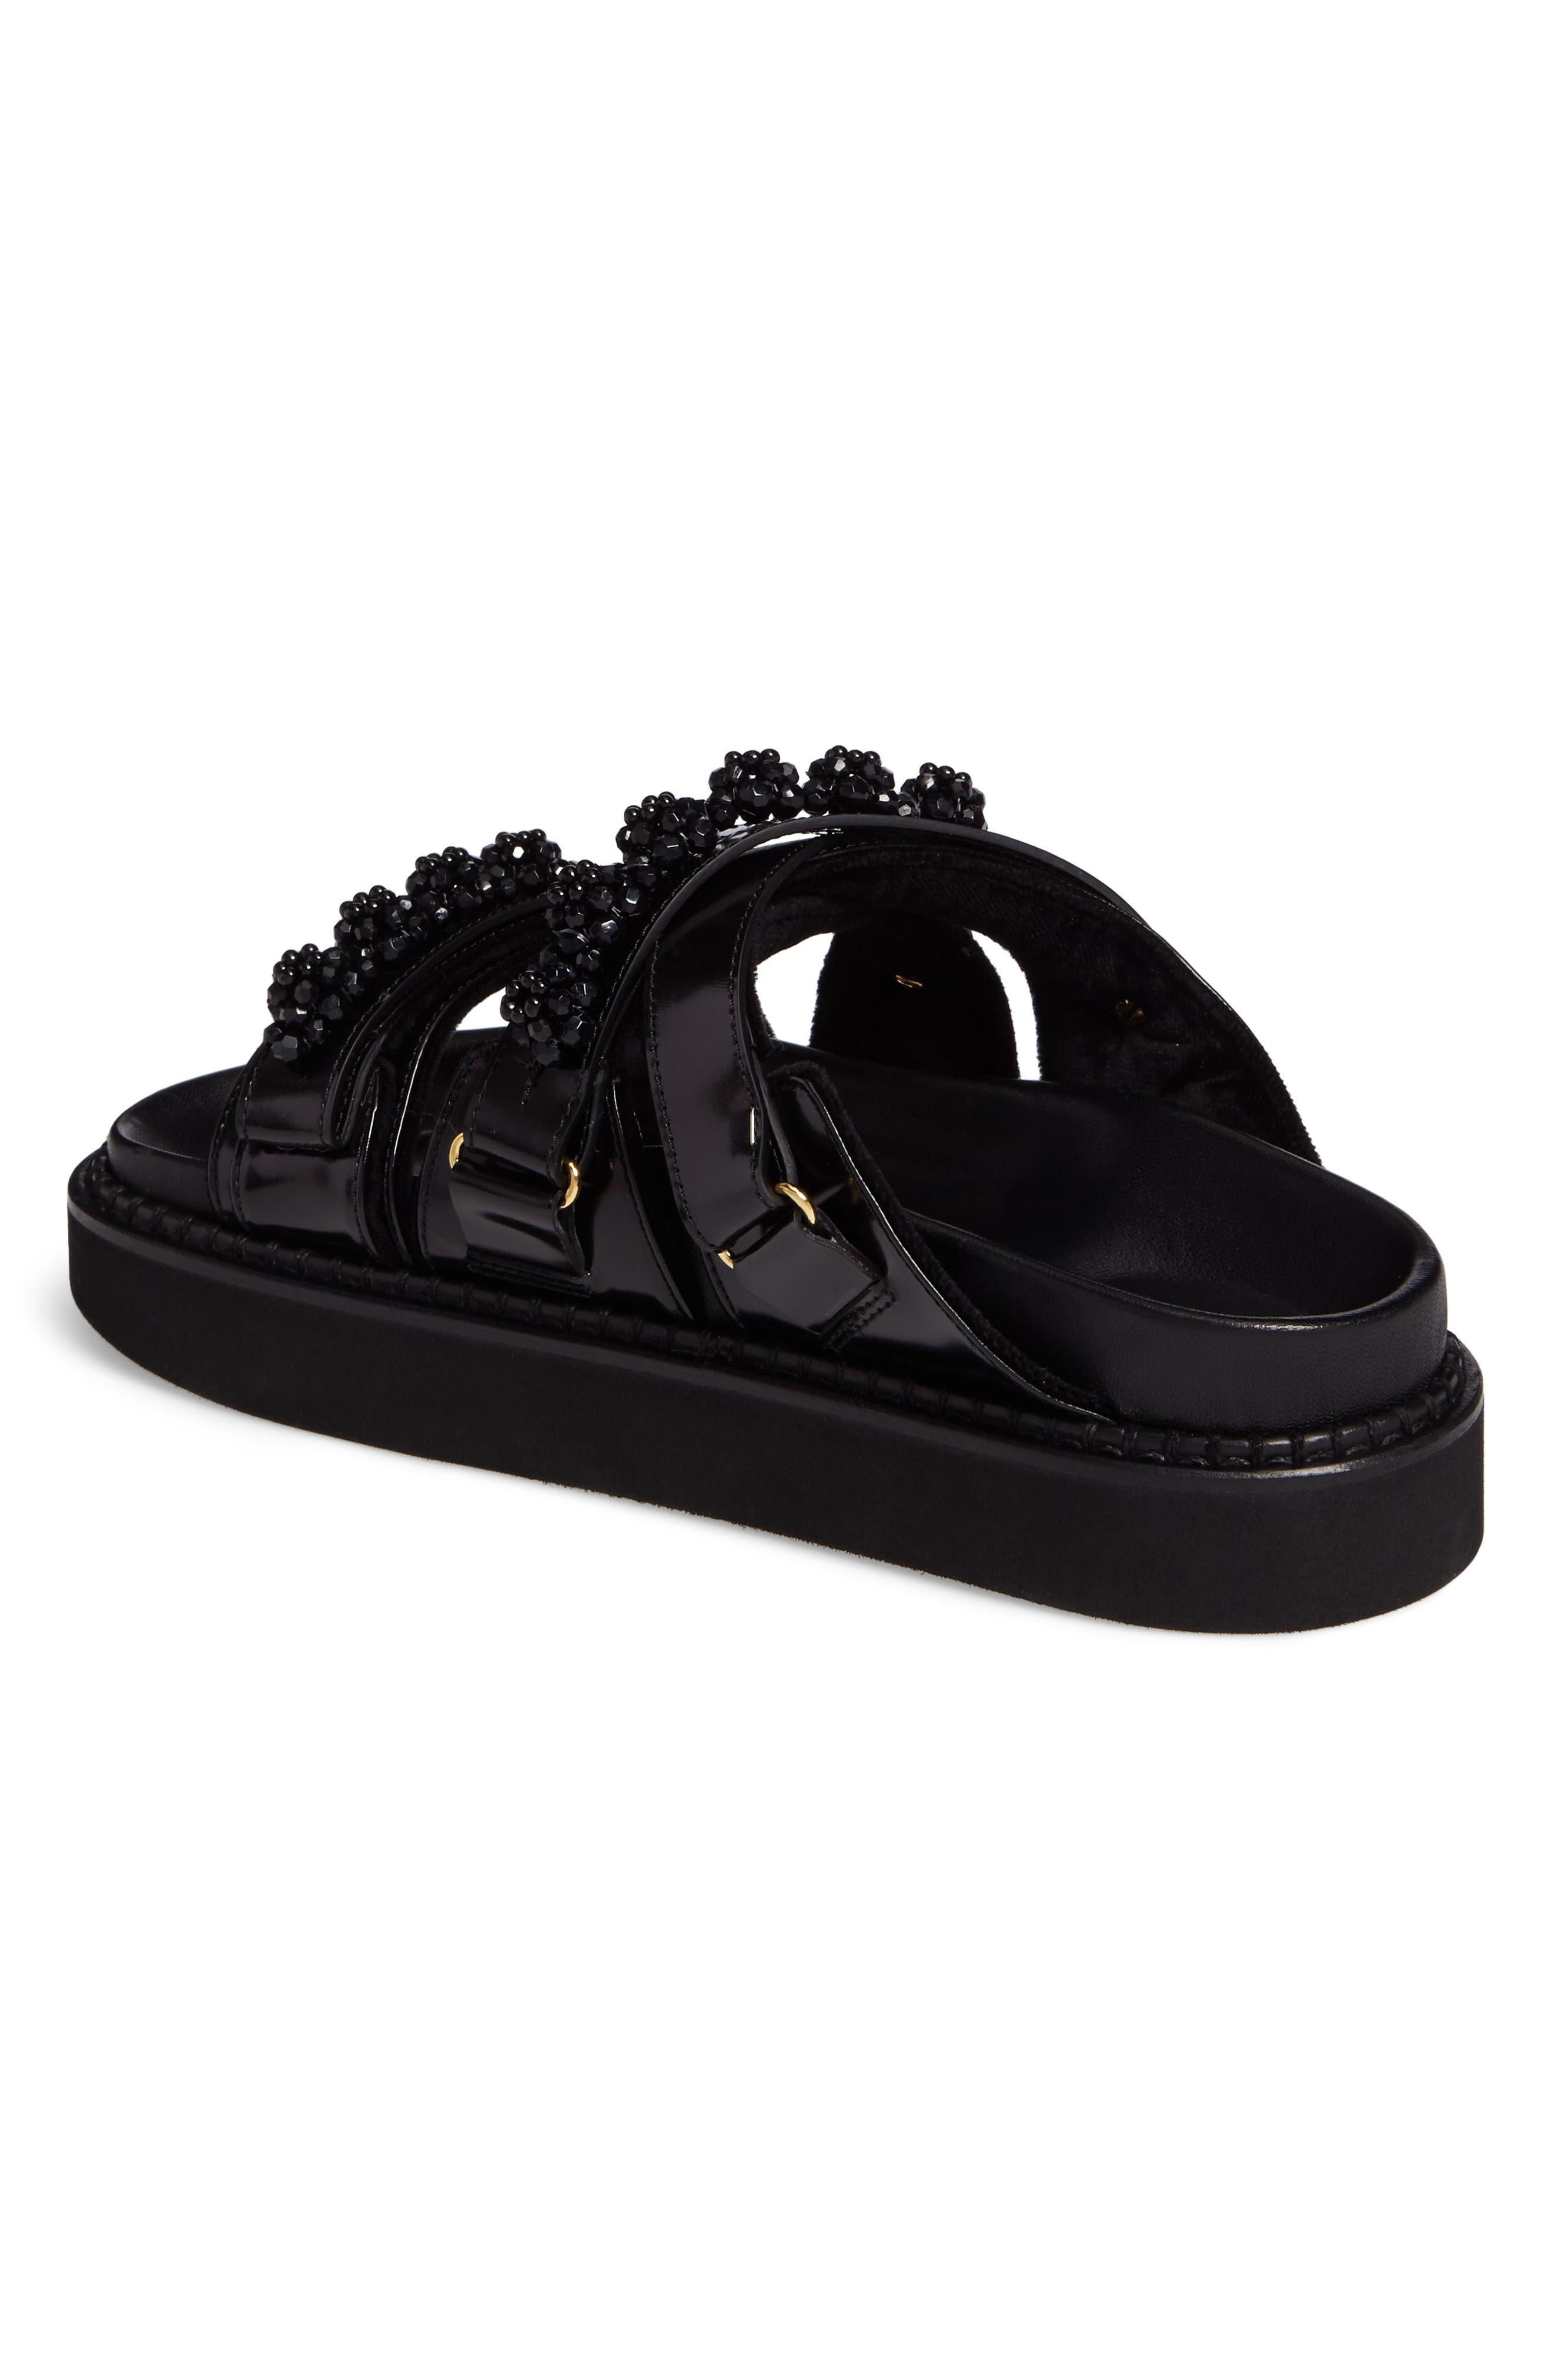 Beaded Leather Slide Sandal,                             Alternate thumbnail 2, color,                             001